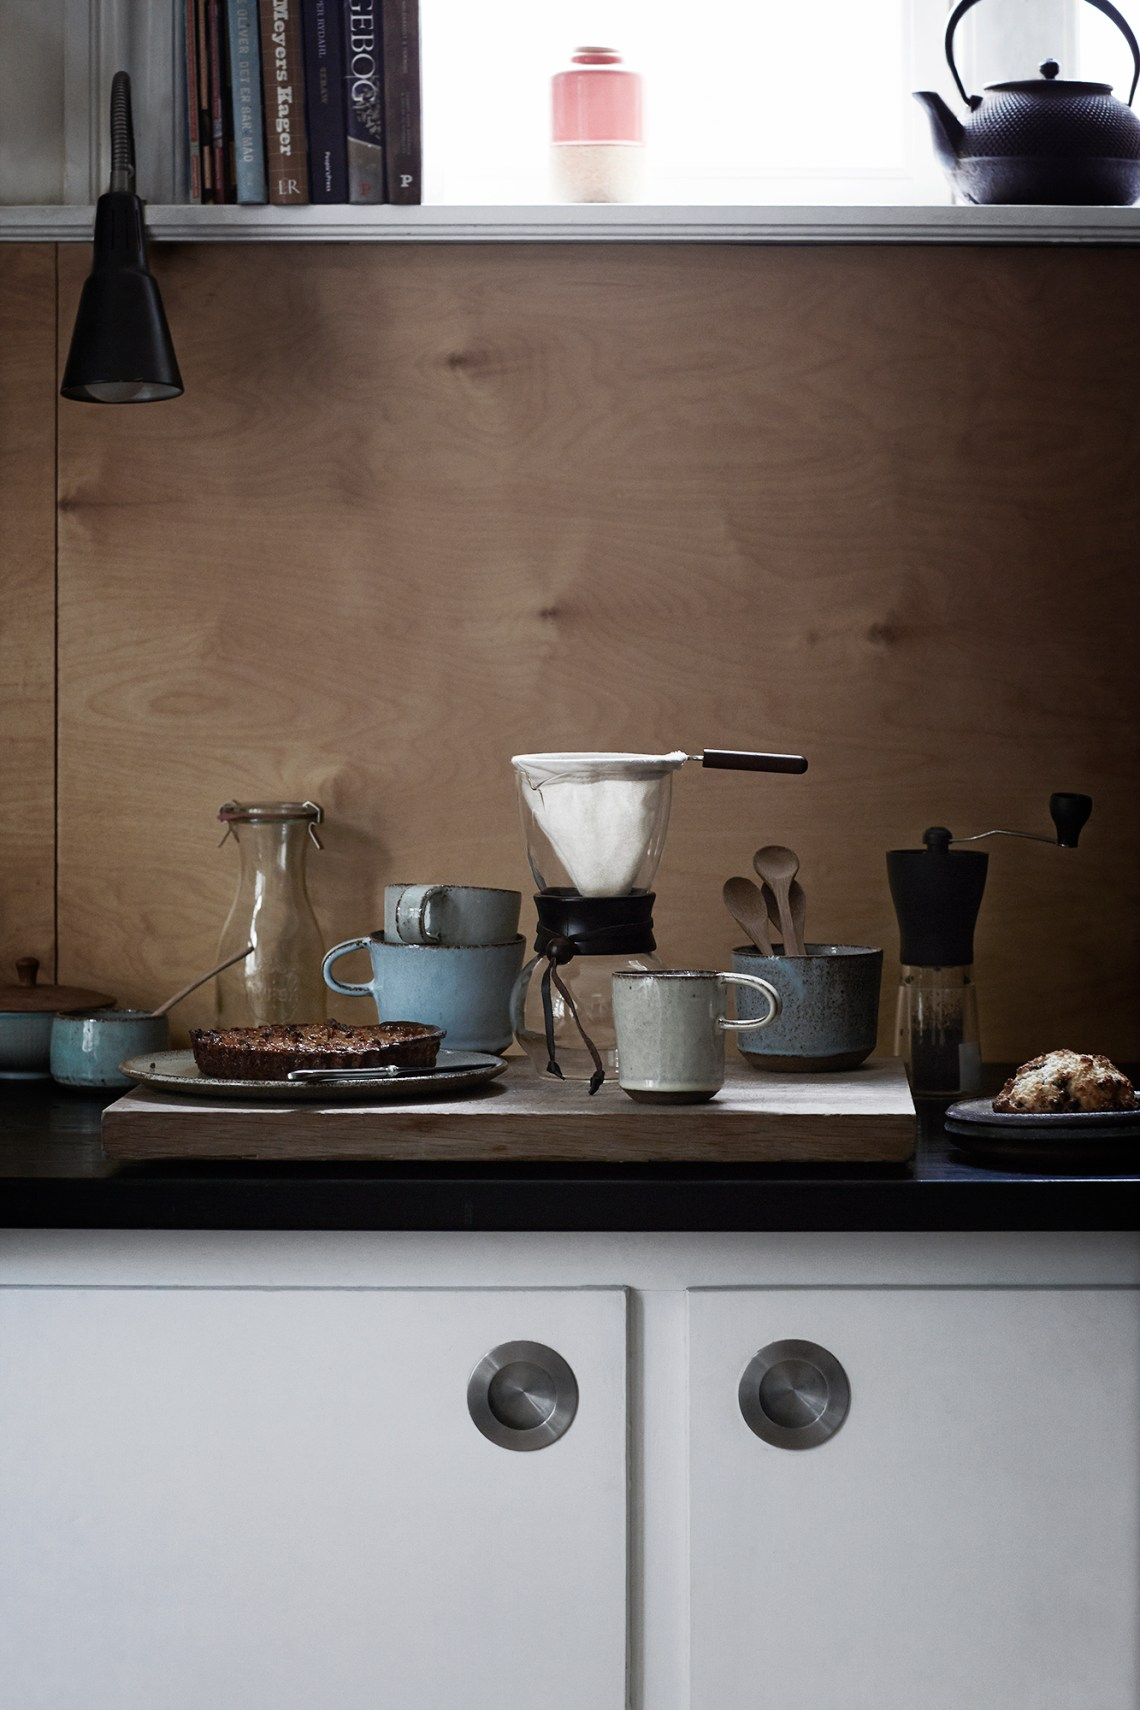 Kaffe1639